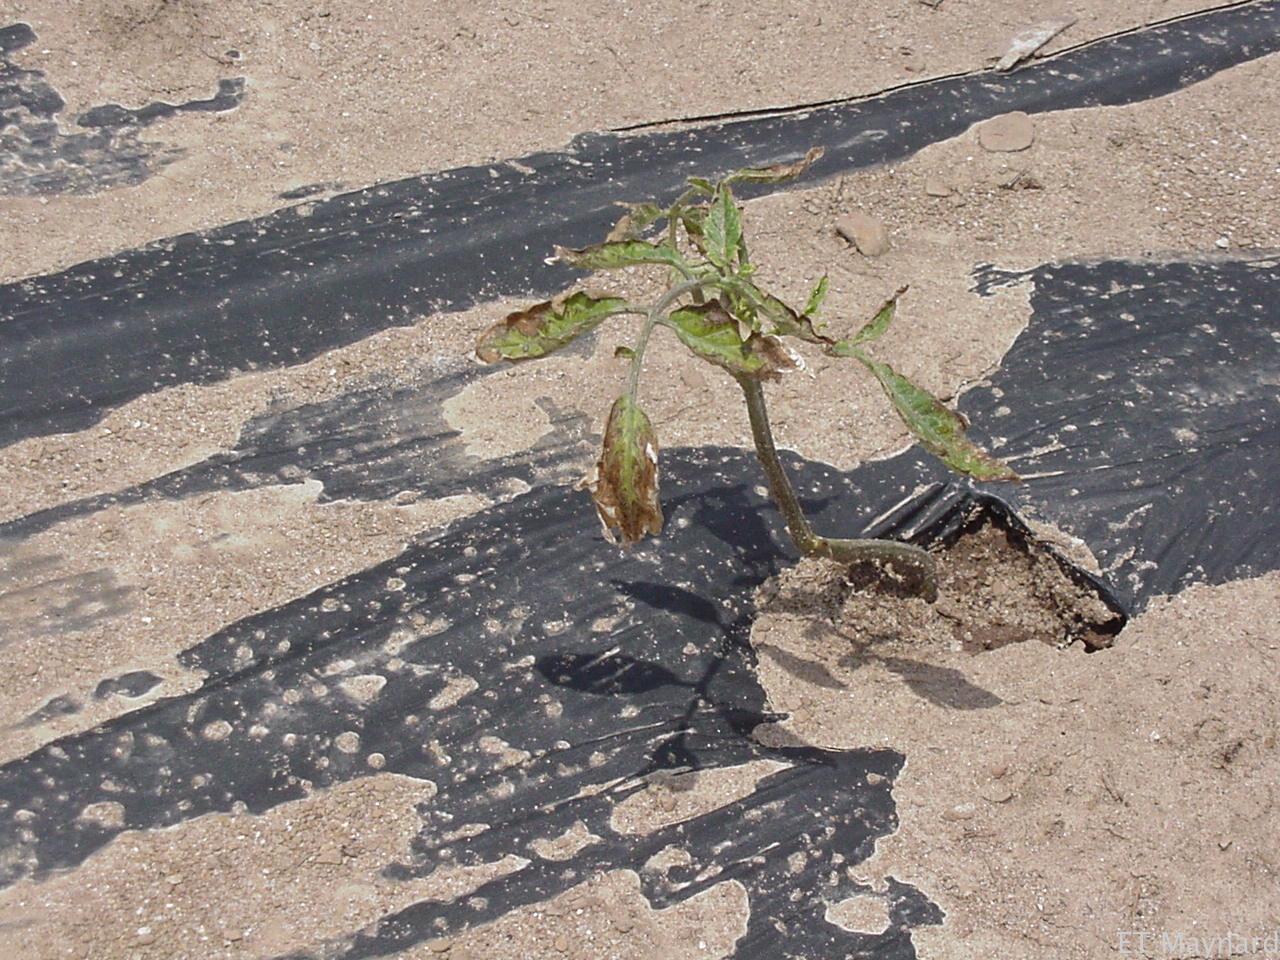 Figure 6. Possible salt injury on tomato seedling.